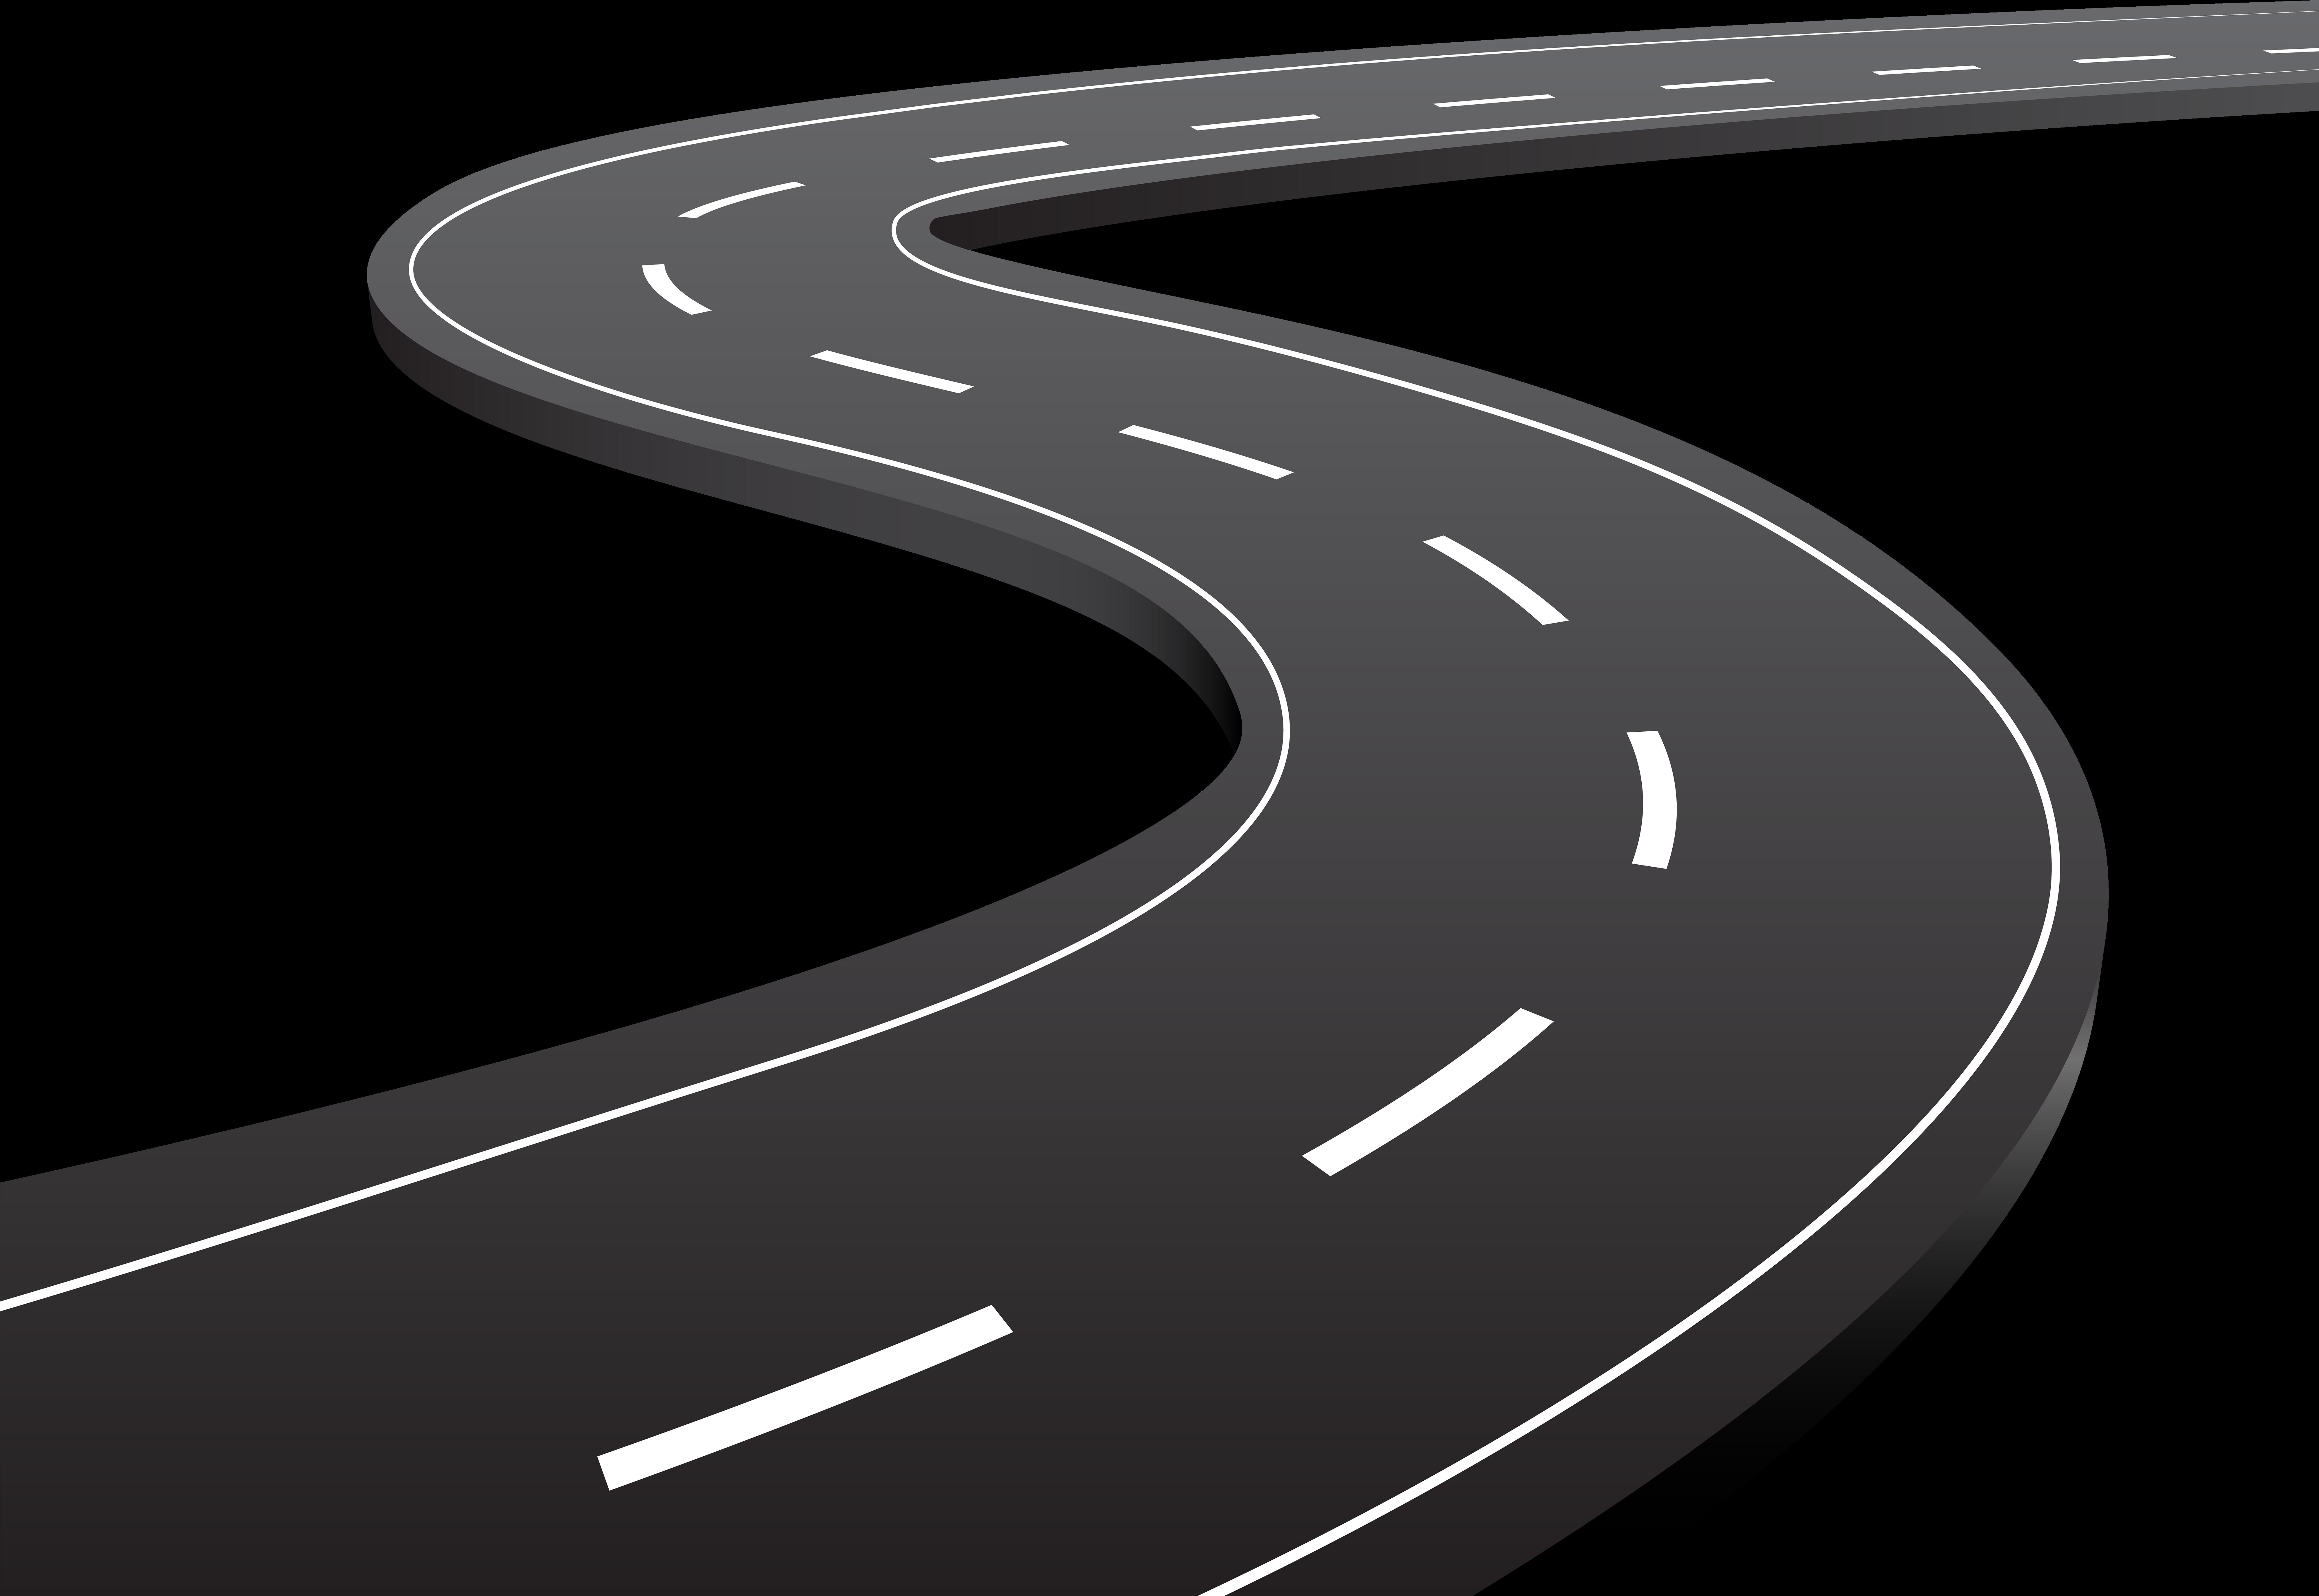 Highway Clipart Tar Road - Transparent Road Clip Art ...